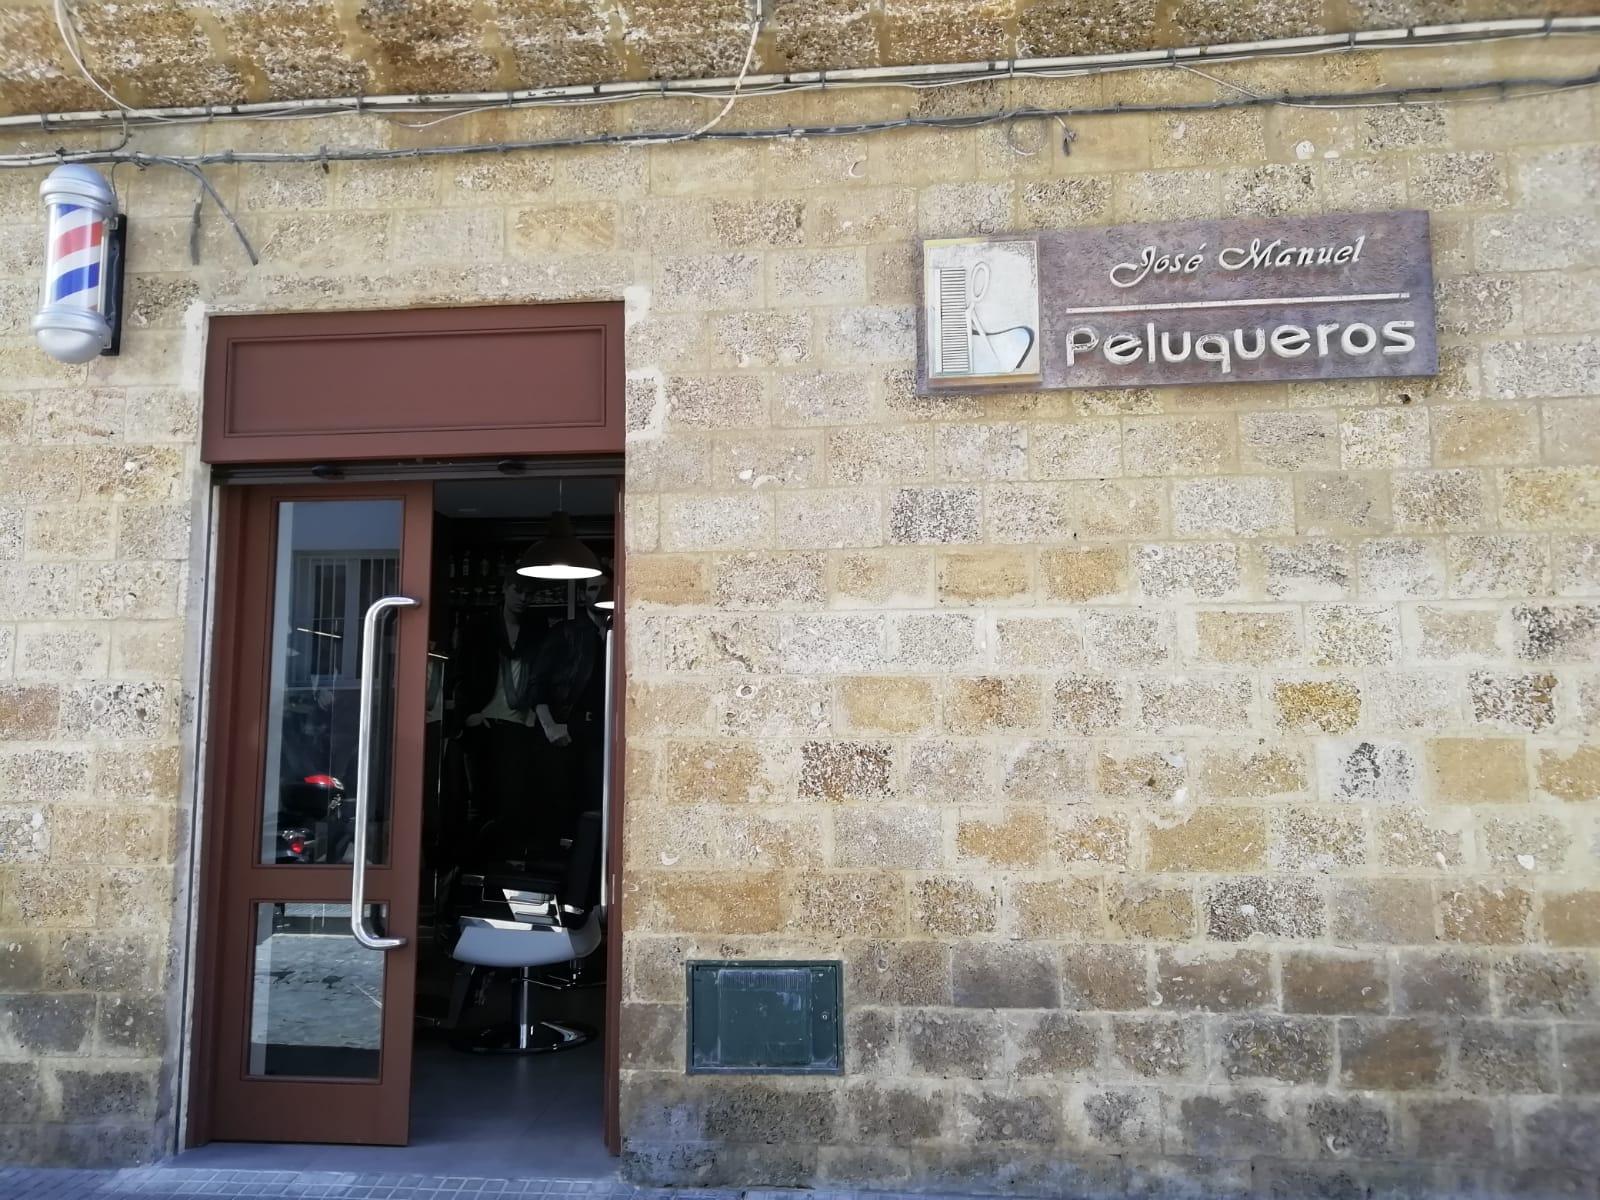 Exterior Jose Manuel Peluqueros